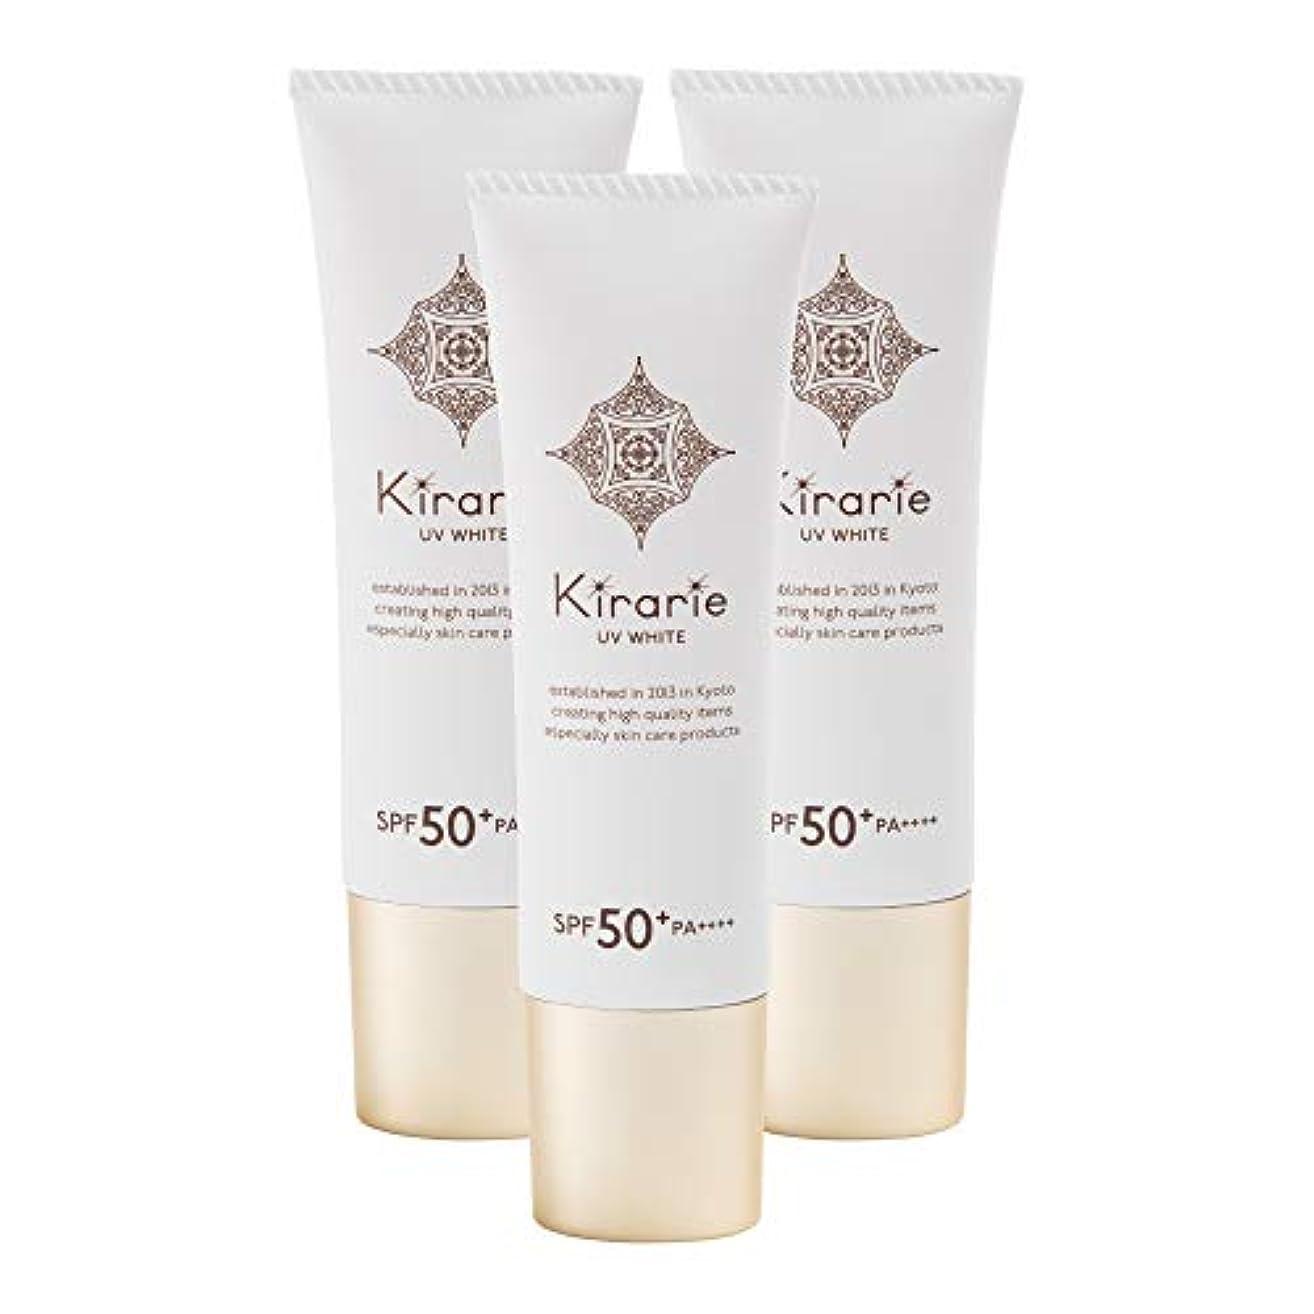 注釈おばさん検査キラリエUVホワイト 25g 化粧下地にも 日焼け止めクリーム SPF50+プラス PA++++ フォープラス 医薬部外品 薬用美白UVクリーム (3個)